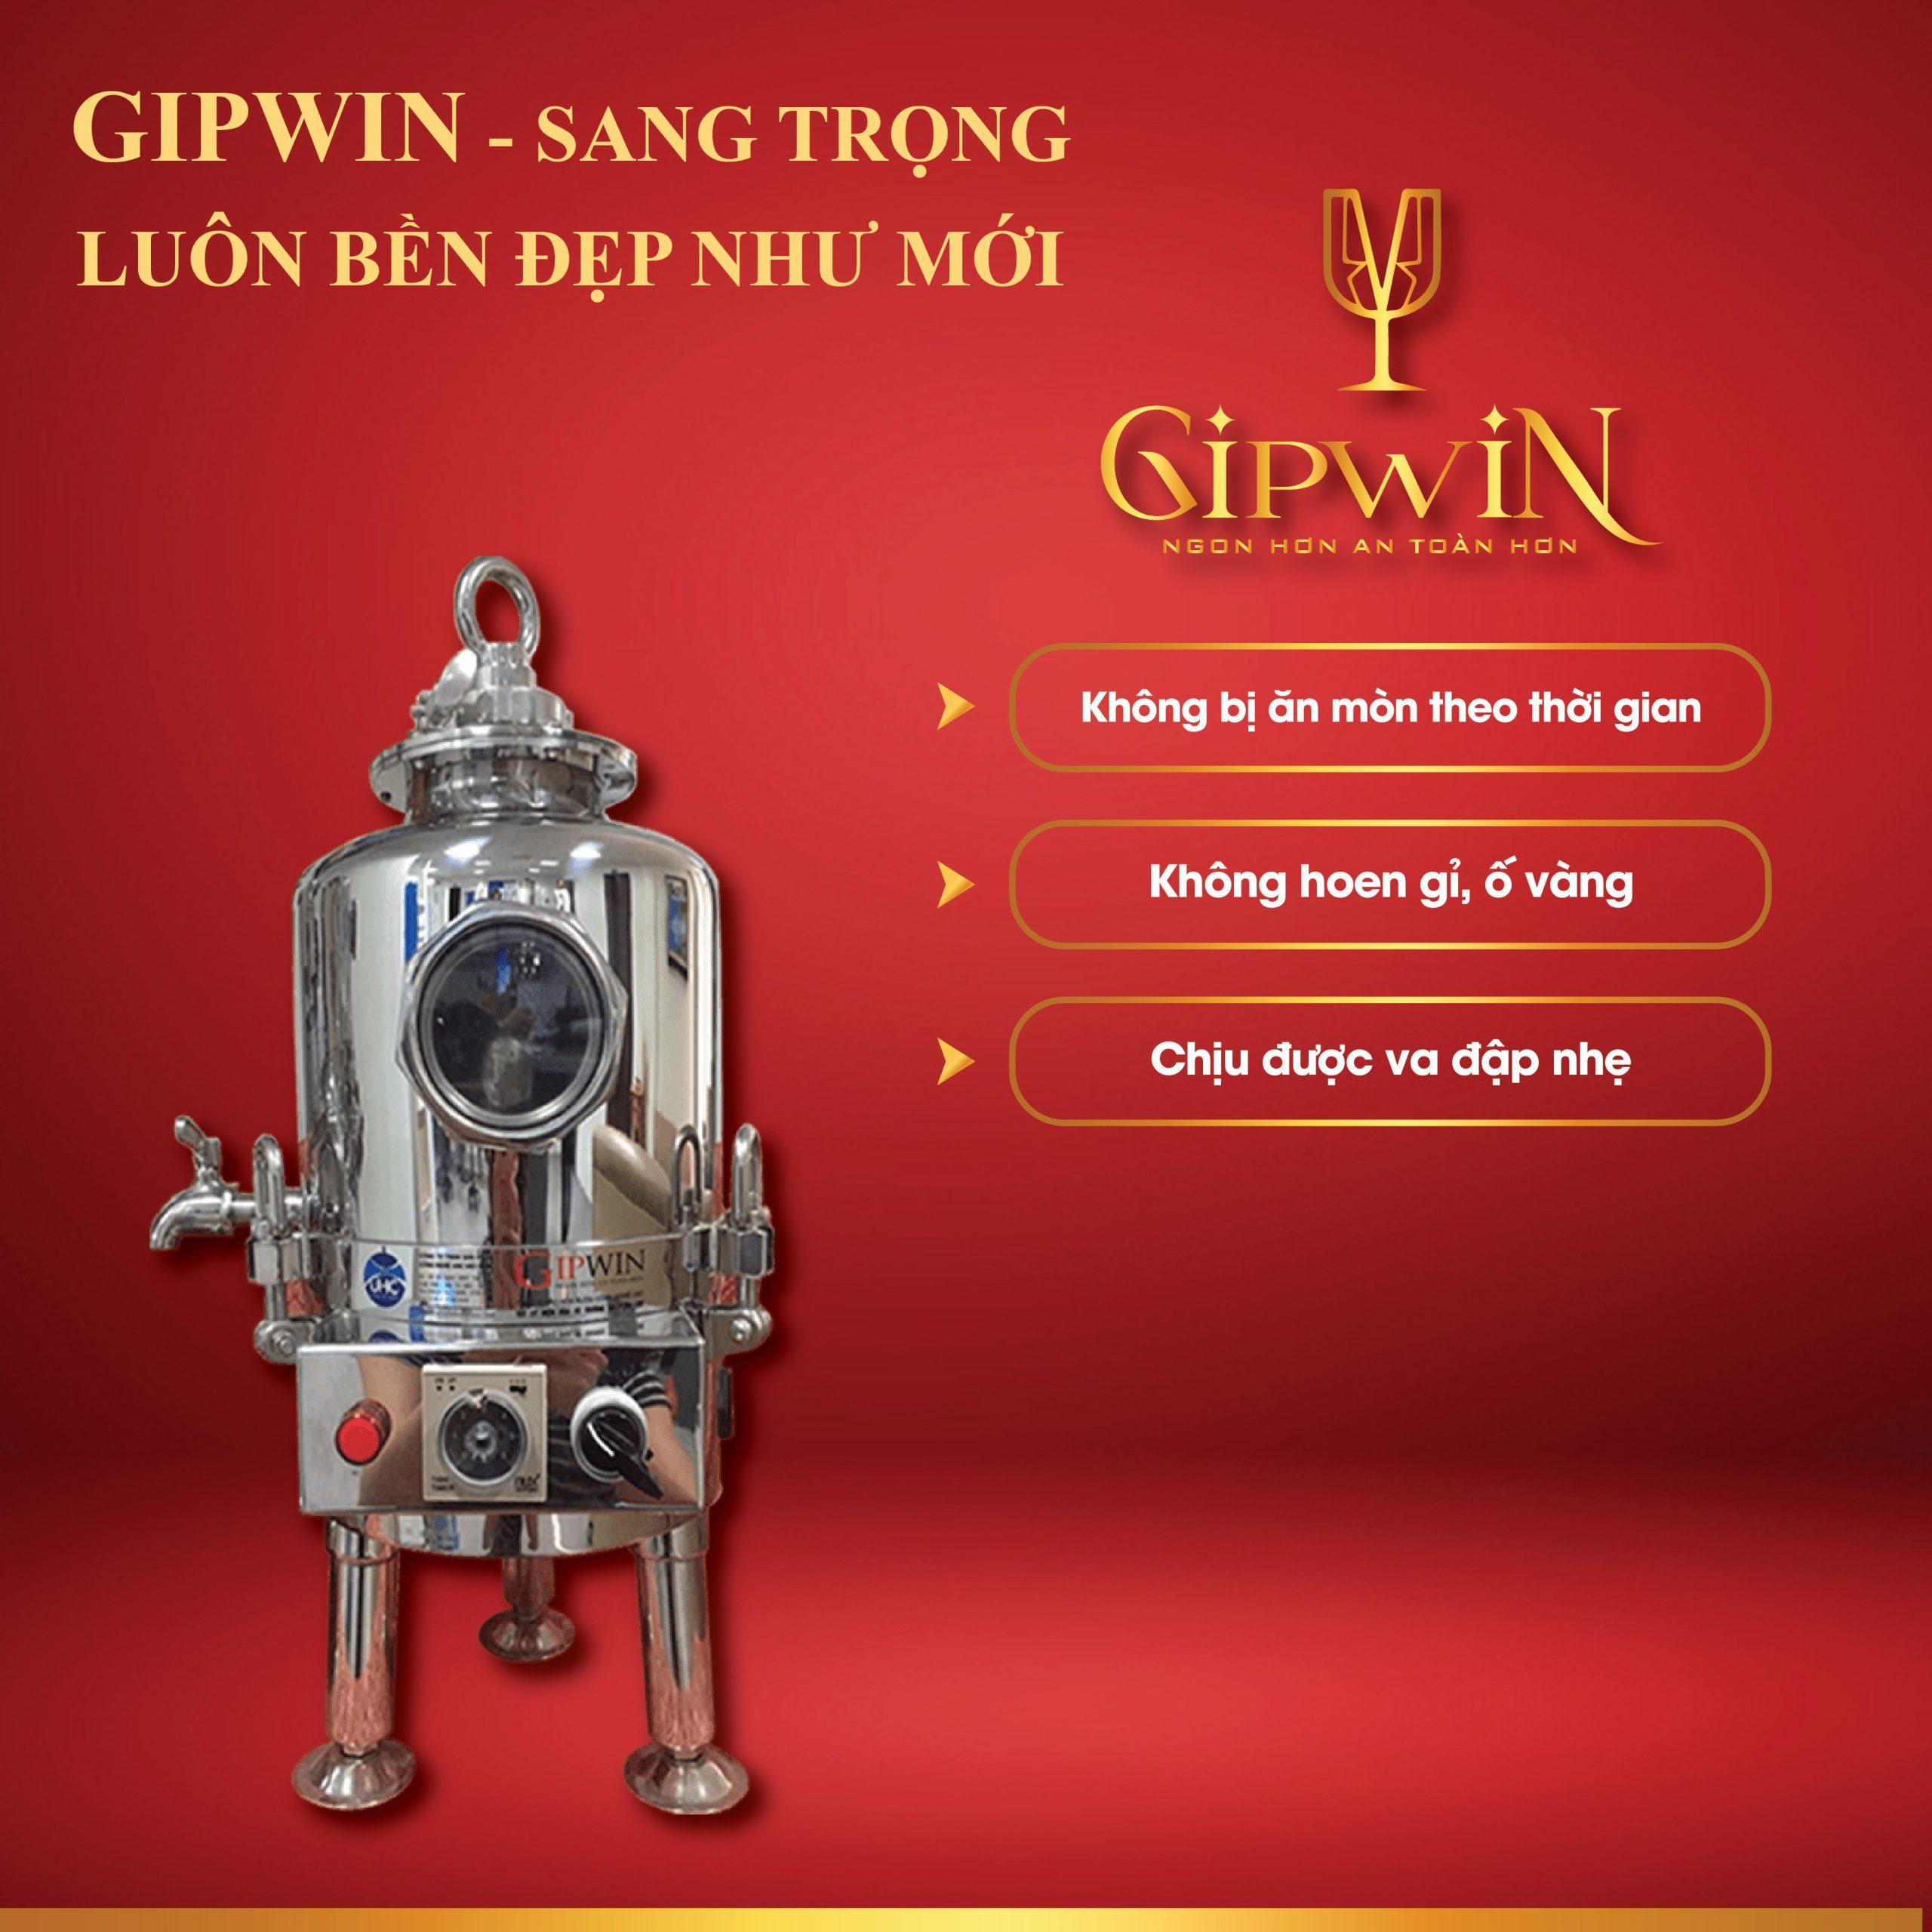 Gipwin - Công nghệ xử lý rượu hàng đầu Việt Nam